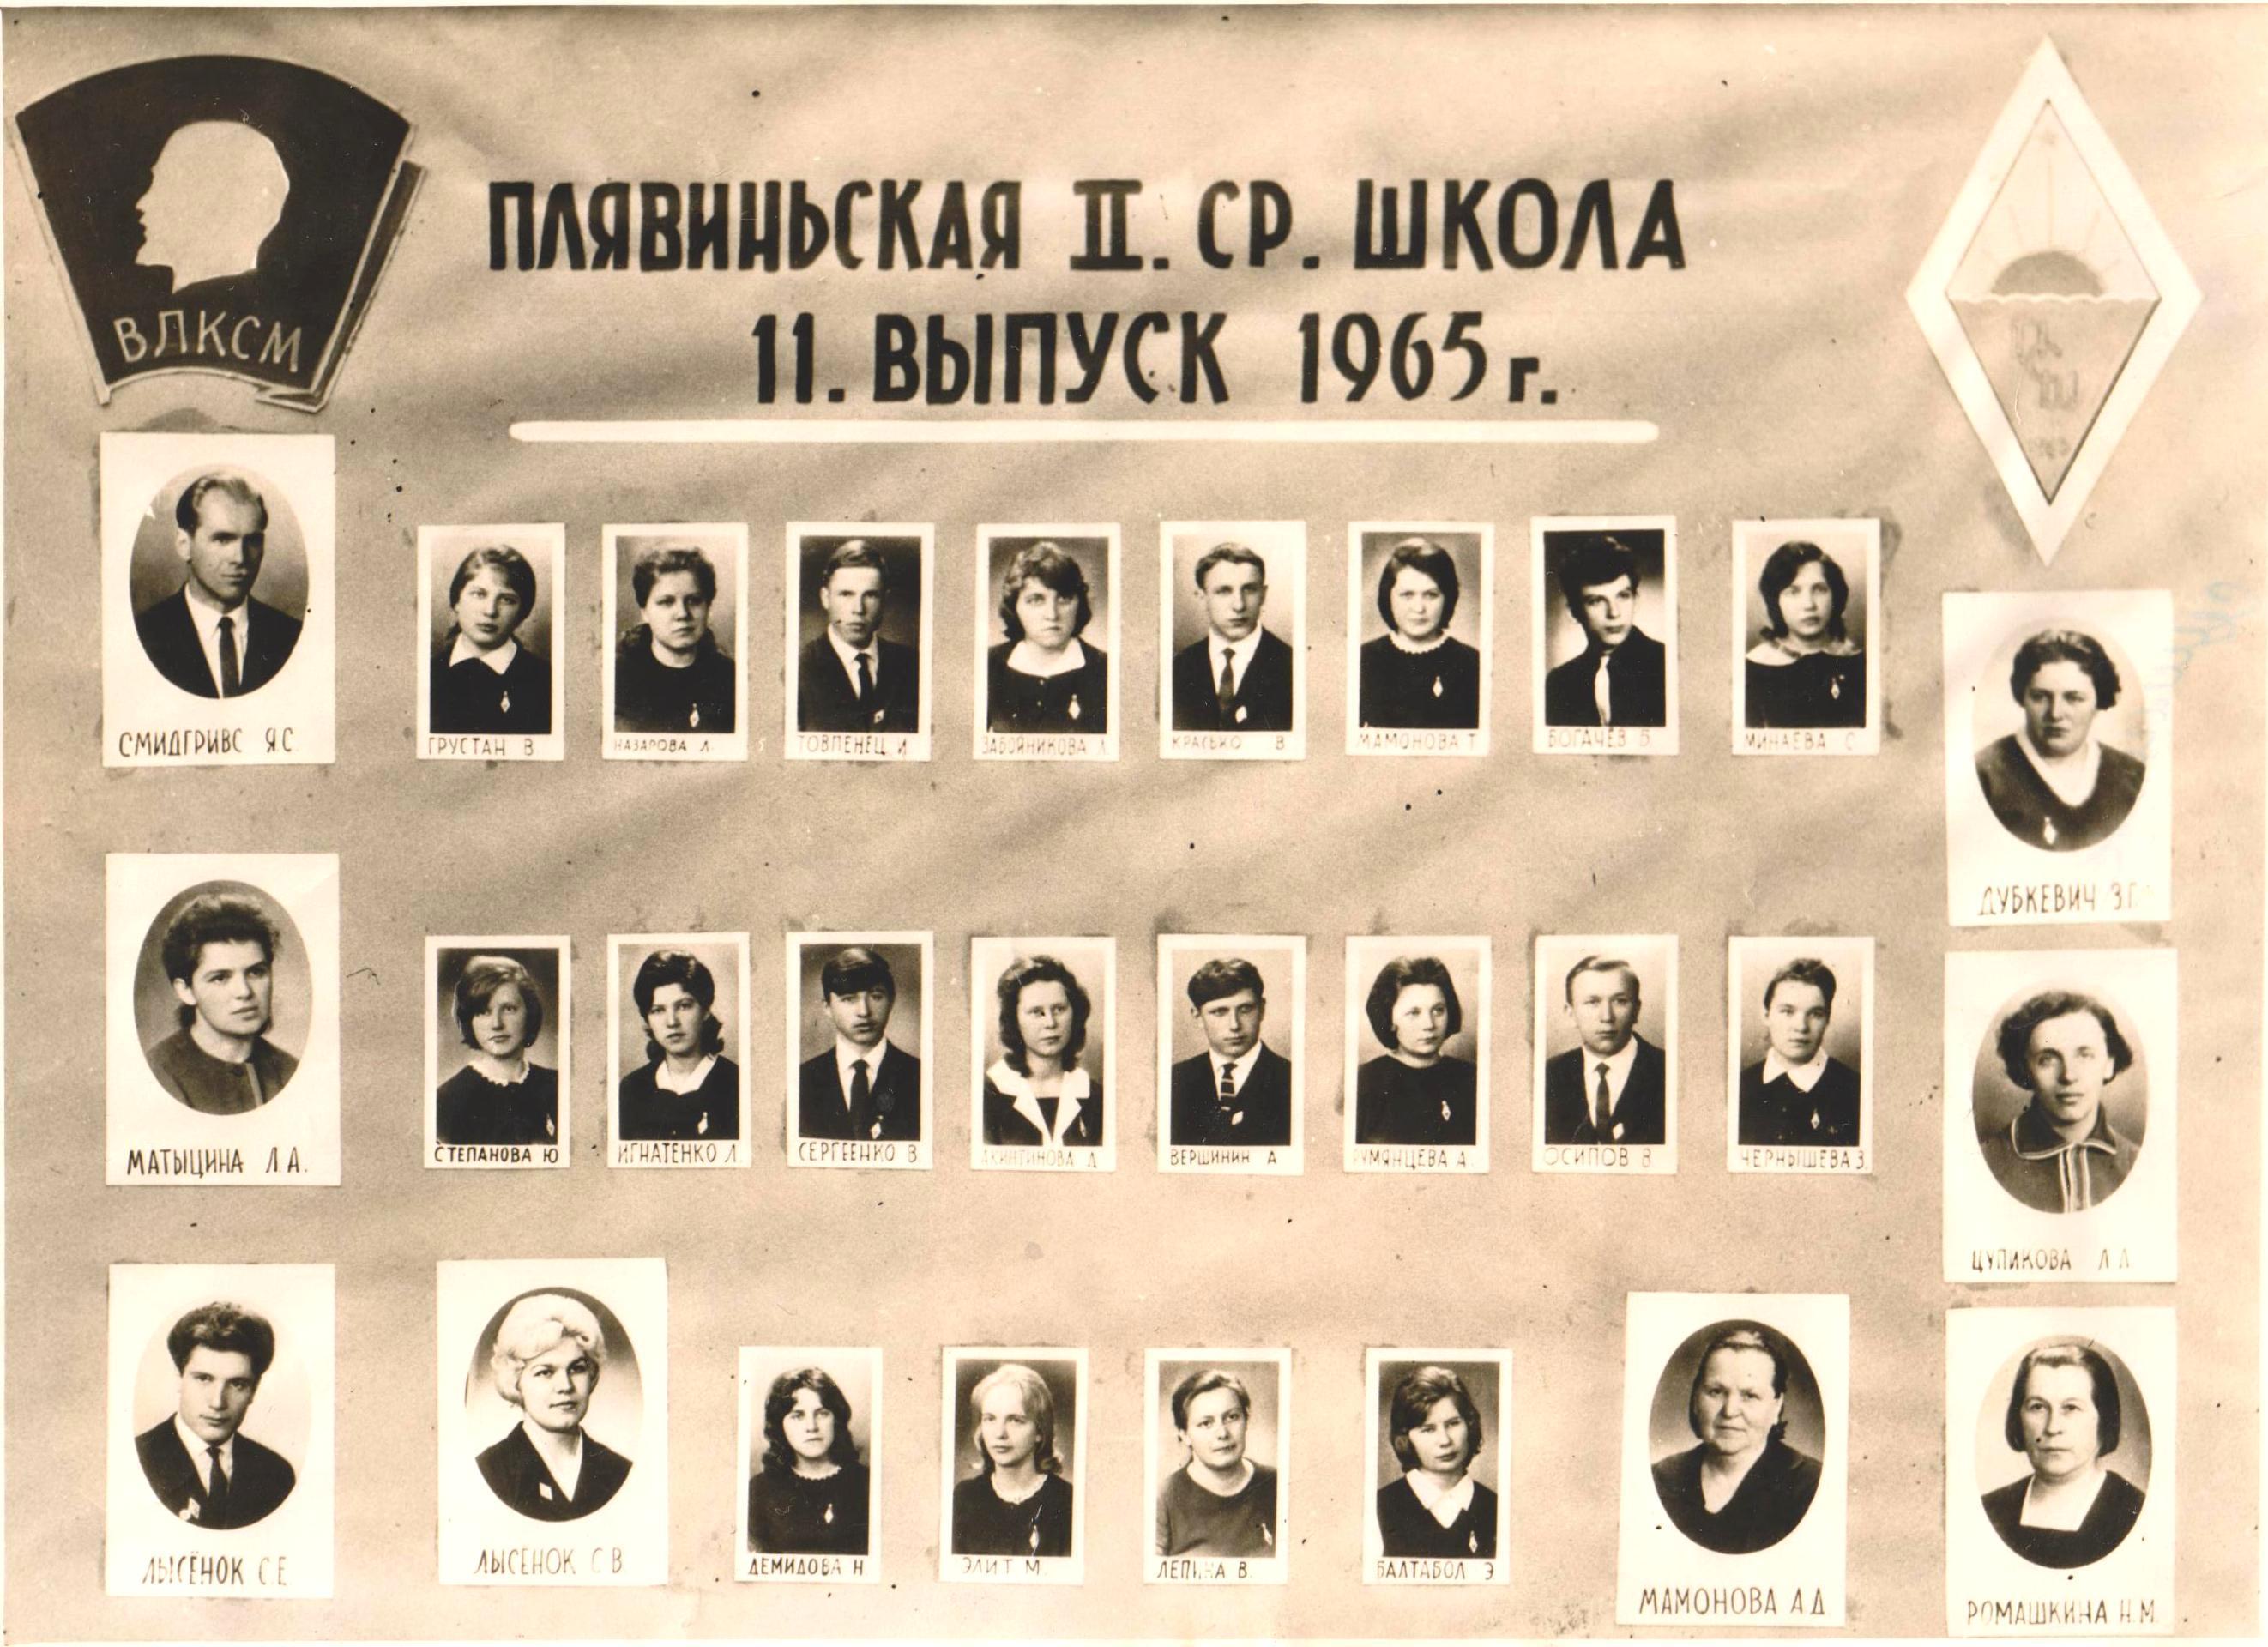 1965. gads kl.audz Jānis Smilgdrīvs